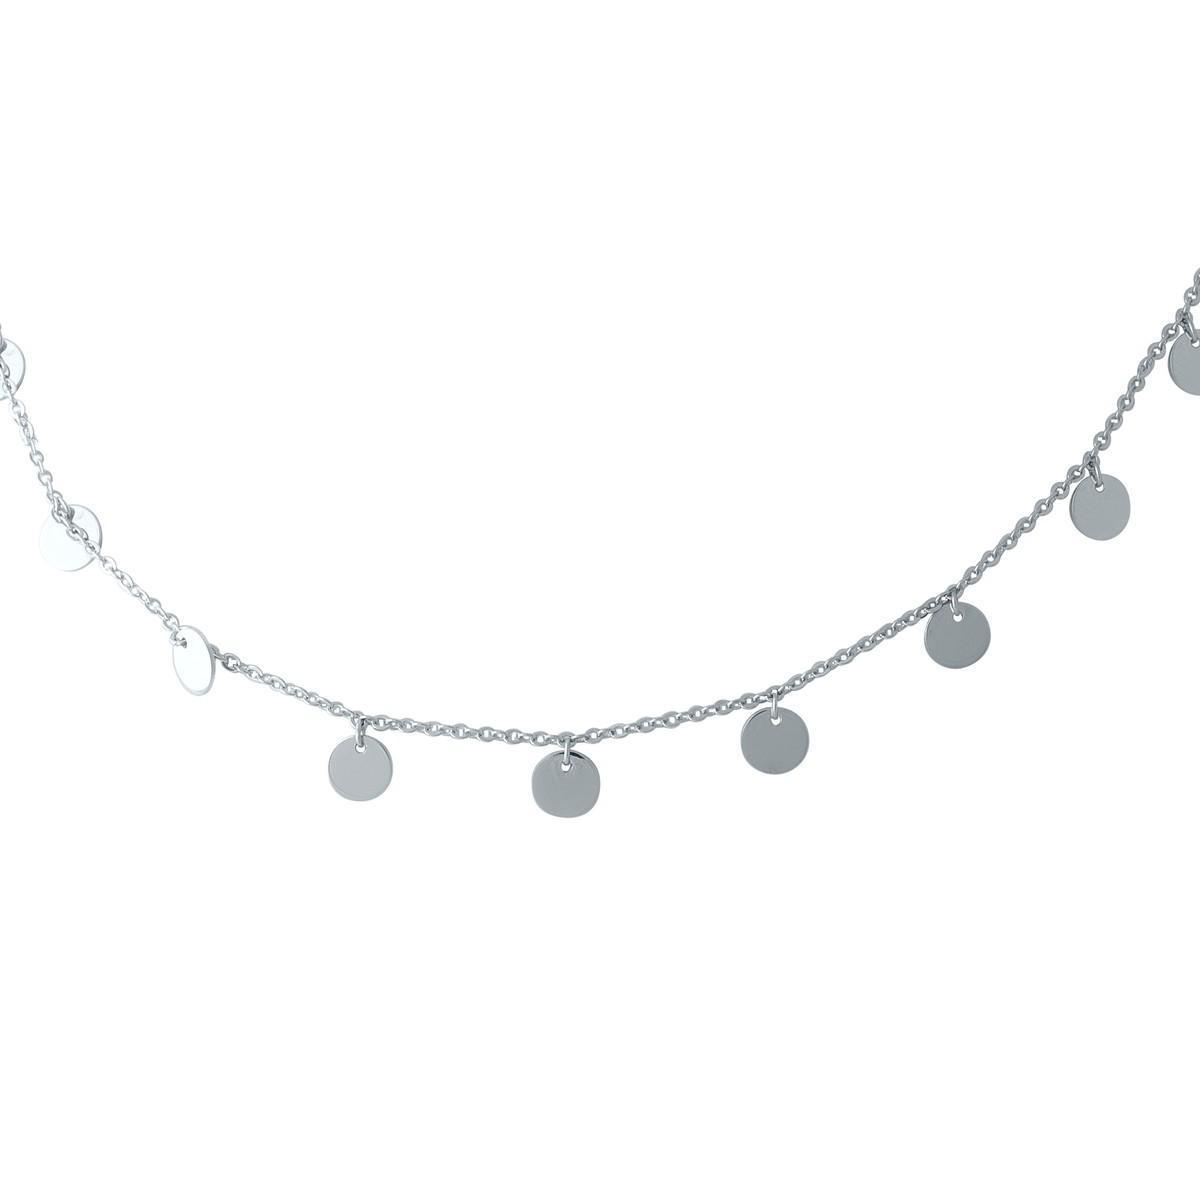 Срібне кольє pSilverAlex без каменів (1967027) 420 розмір 450мм